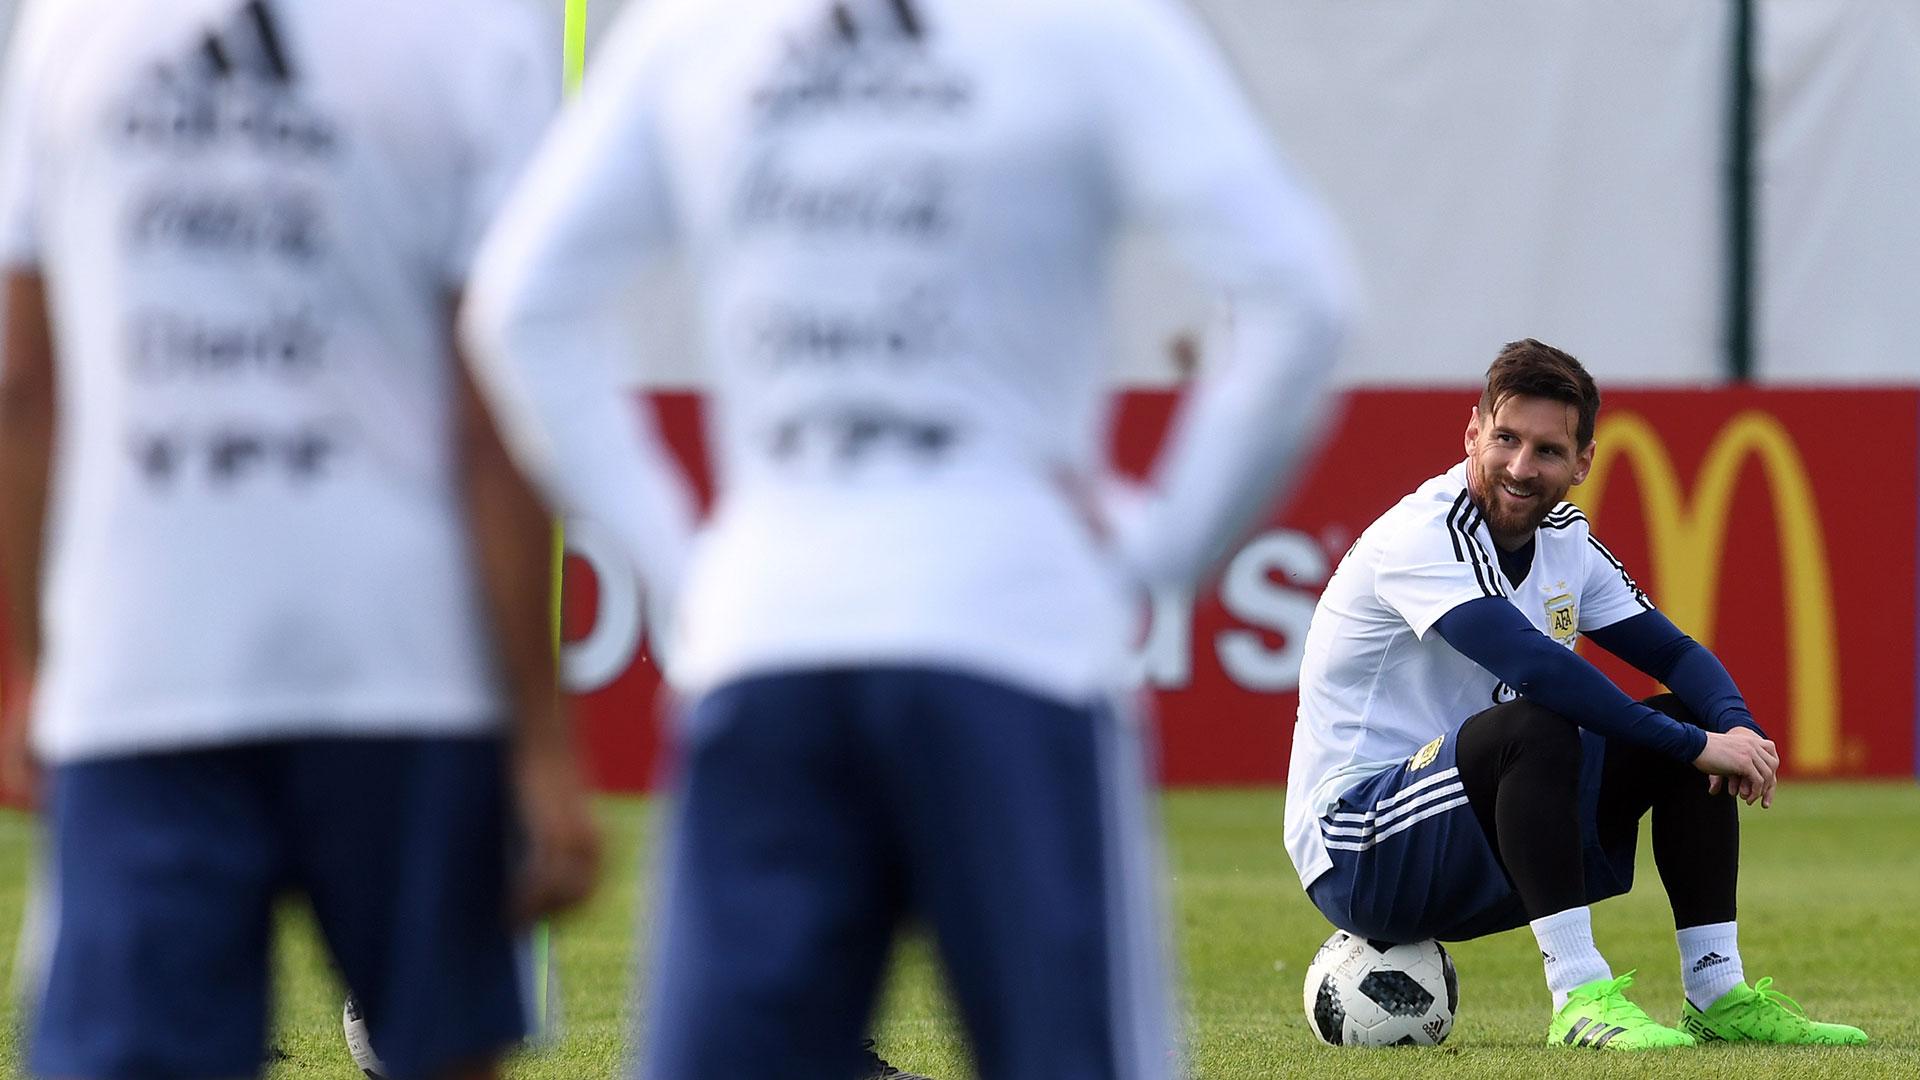 Lionel Messi, el dueño de la pelota